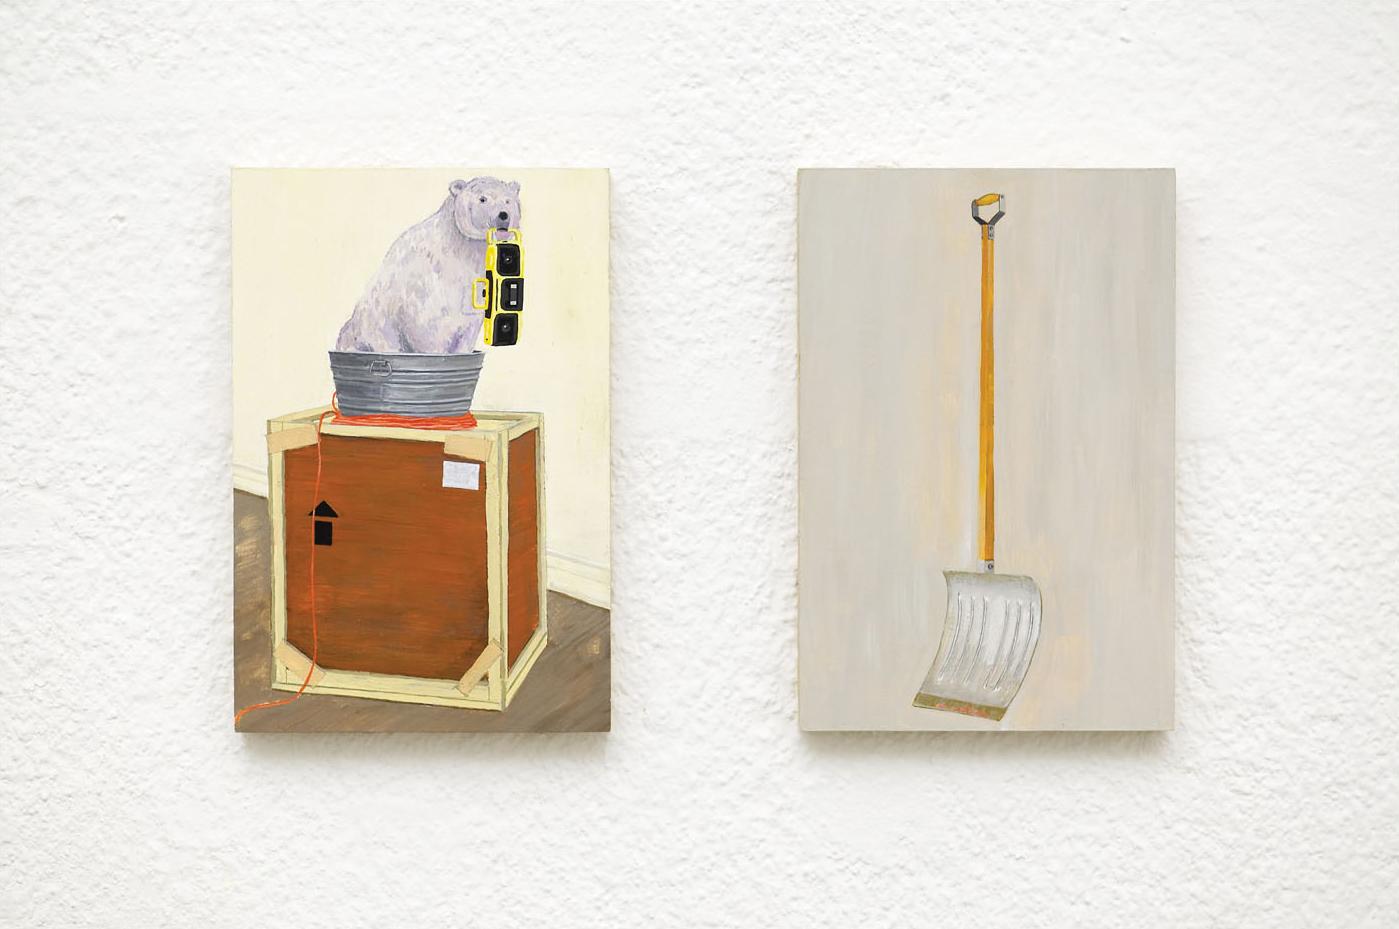 MARK + MARCEL Acrylic on Plywood 2 Panels Each 10 x 15 cm